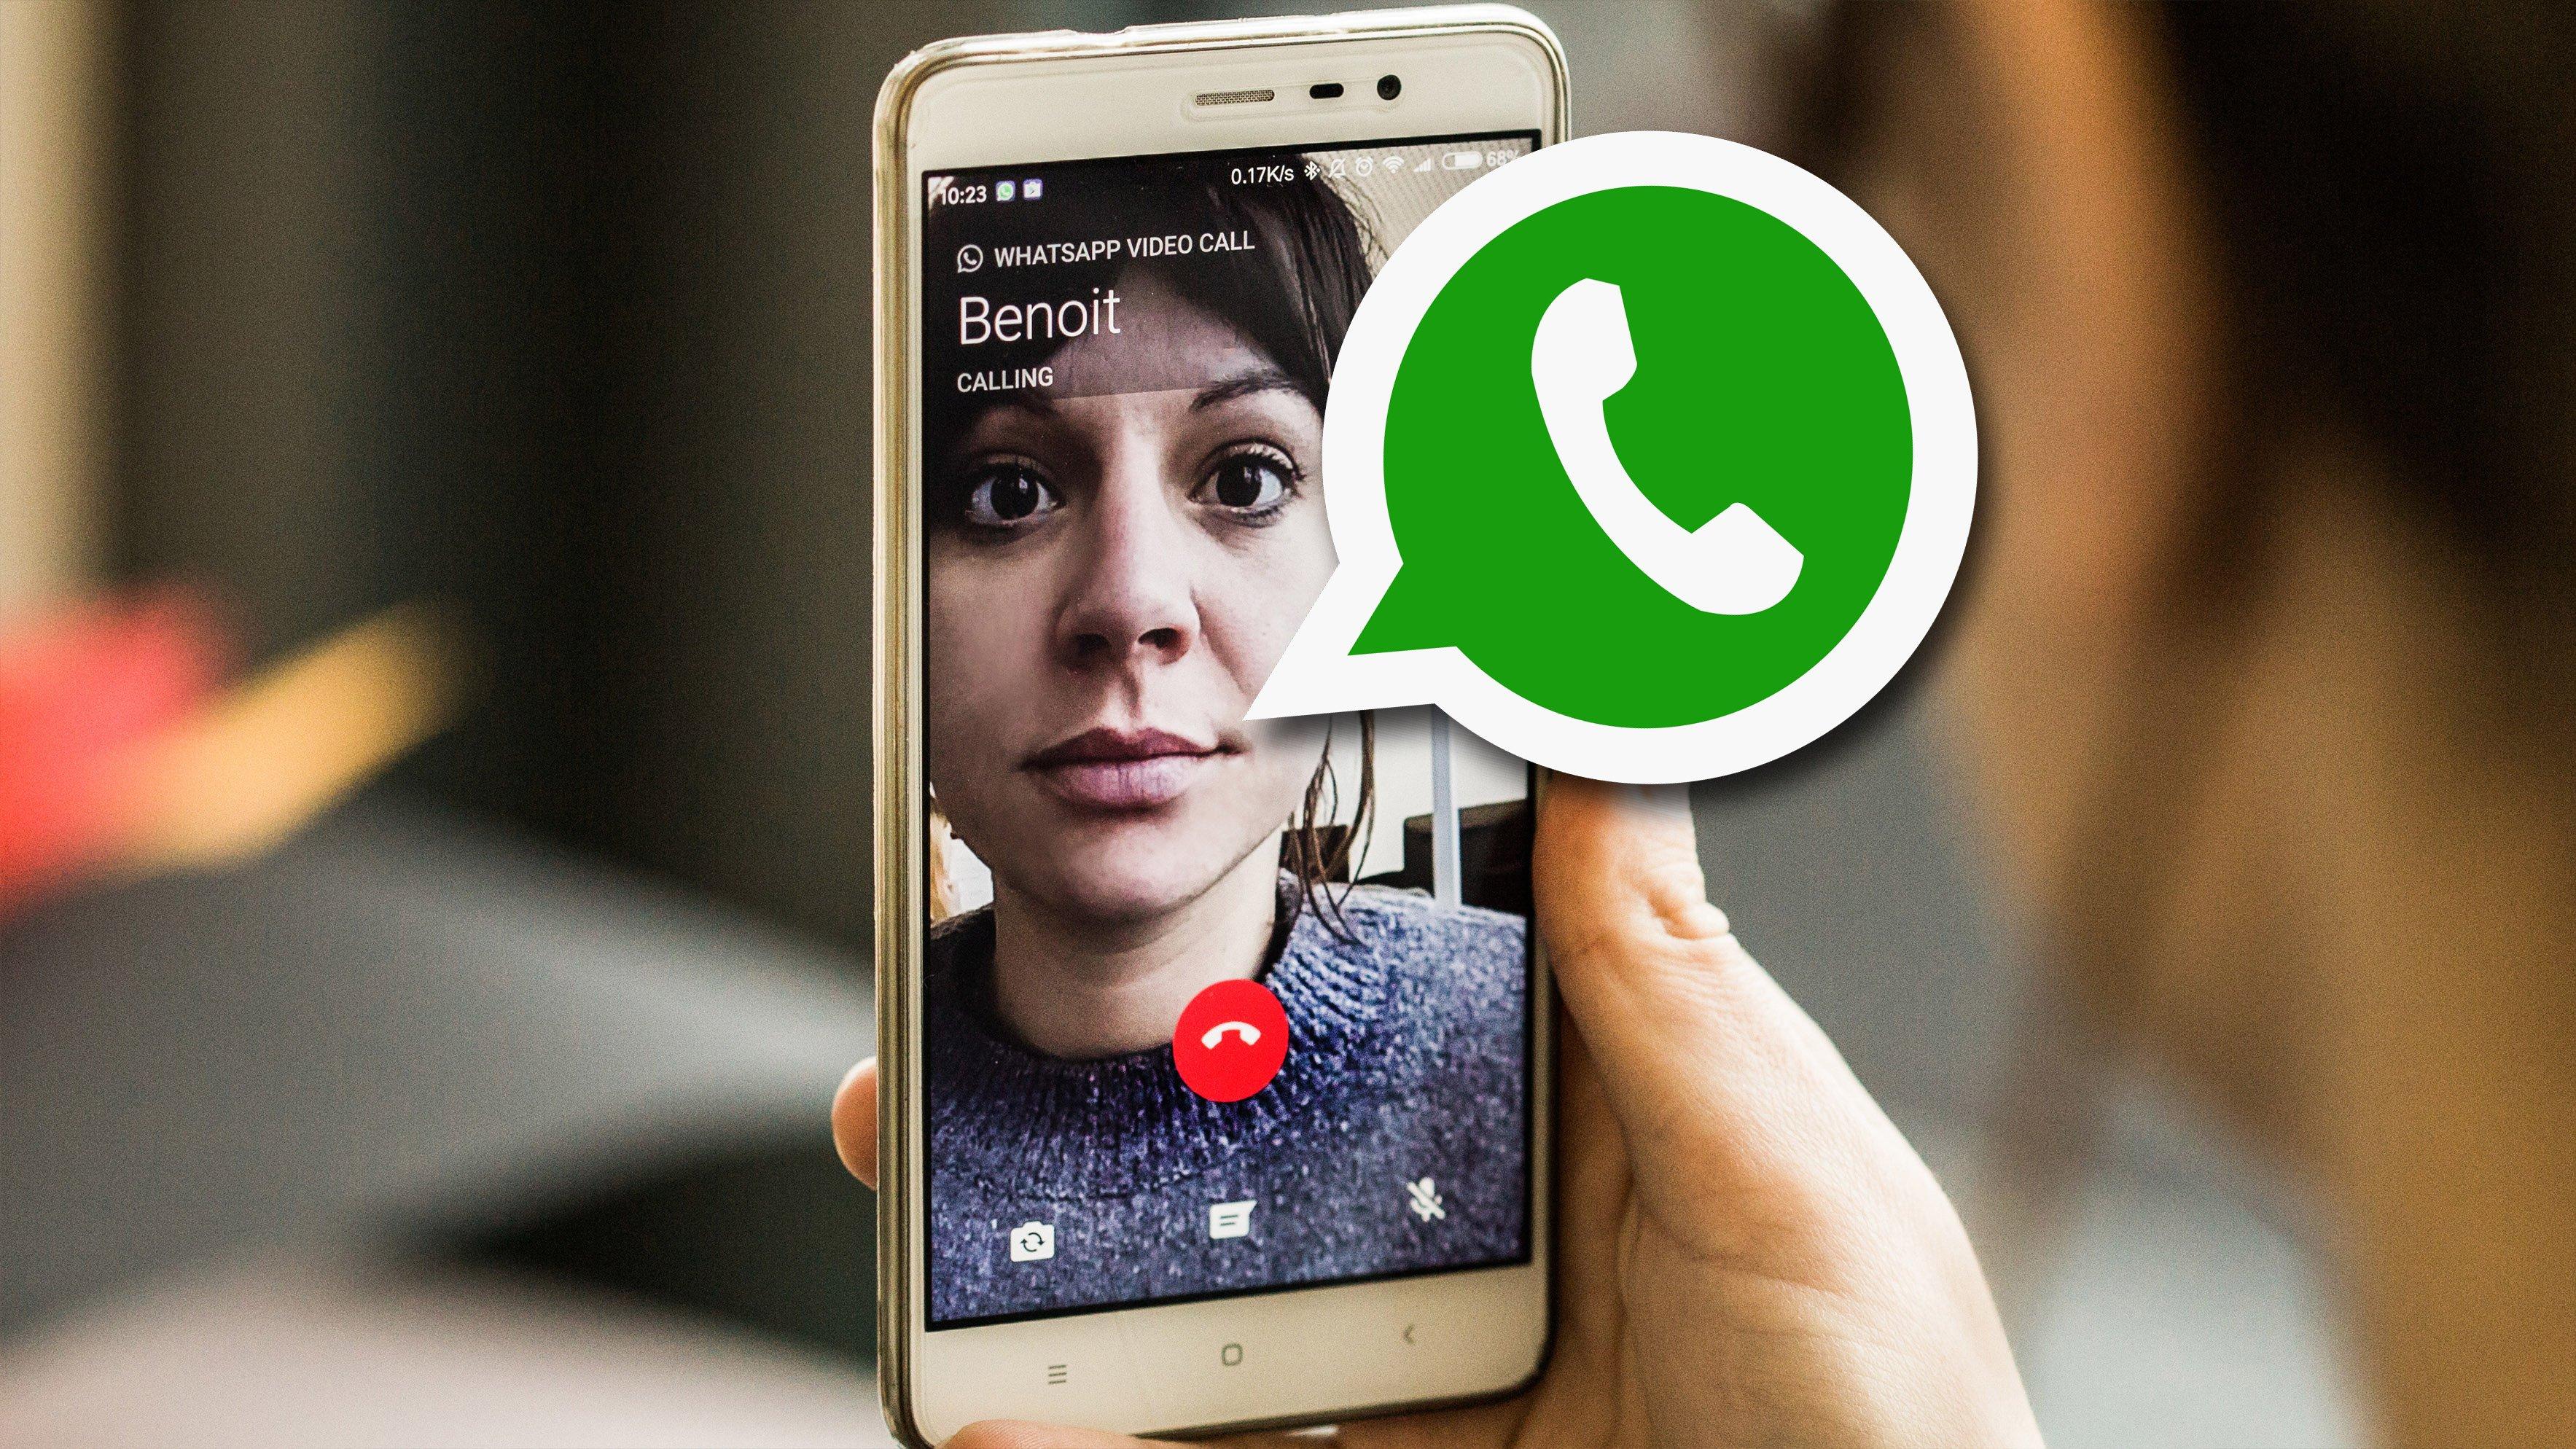 واتساب يطرح ميزة جديدة في مكالمات الفيديو لهواتف أندرويد | بوابة الموبايلات